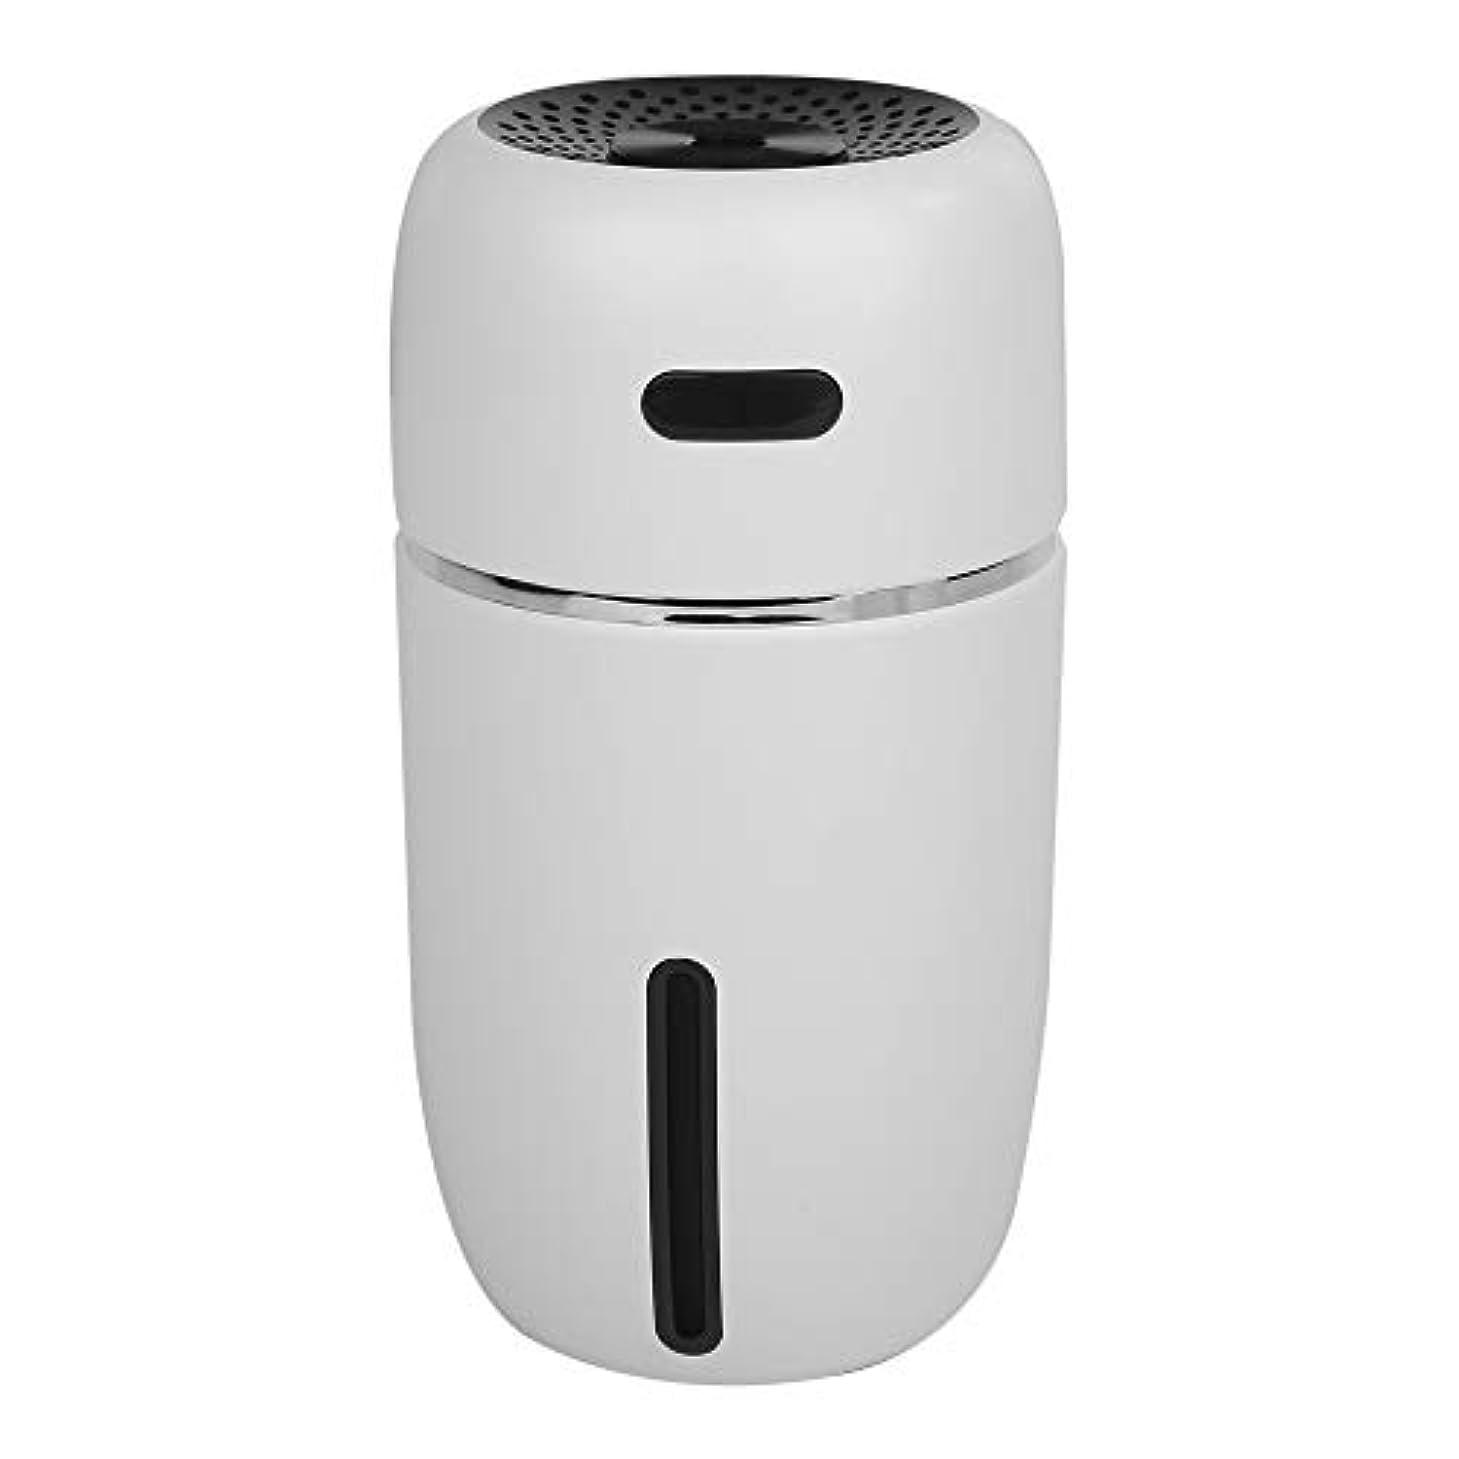 交換可能共感する除外するULRO(ウルロ) 加湿器 卓上加湿器 アロマ USB充電 超音波式 静音